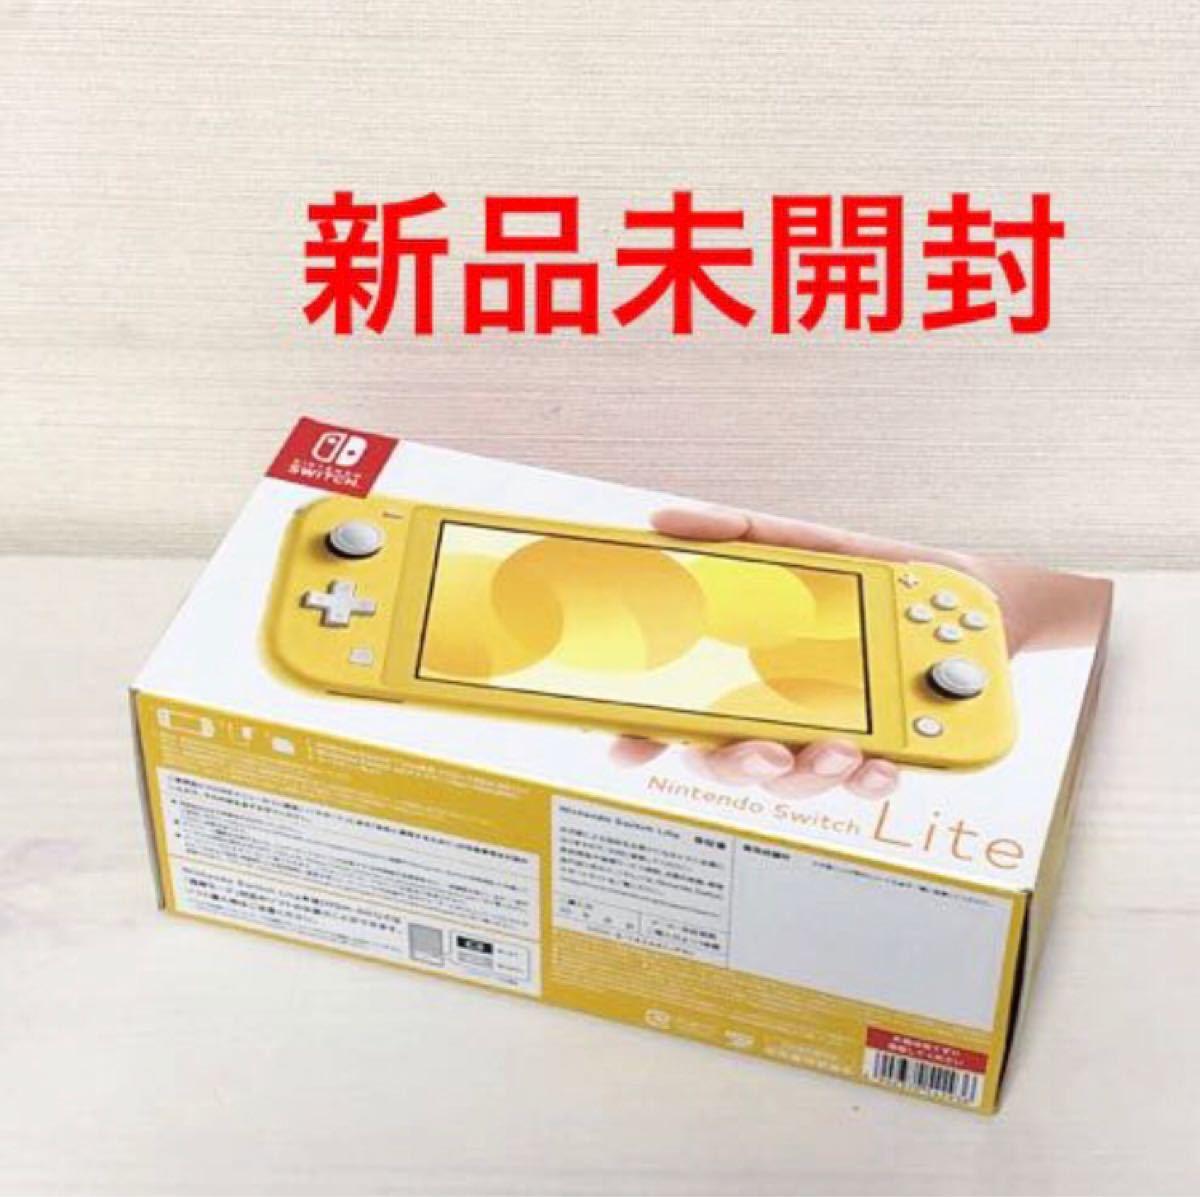 Nintendo Switch Lite イエロー スイッチ 本体 新品 未開封 未使用 任天堂 ライト ニンテンドー 黄色